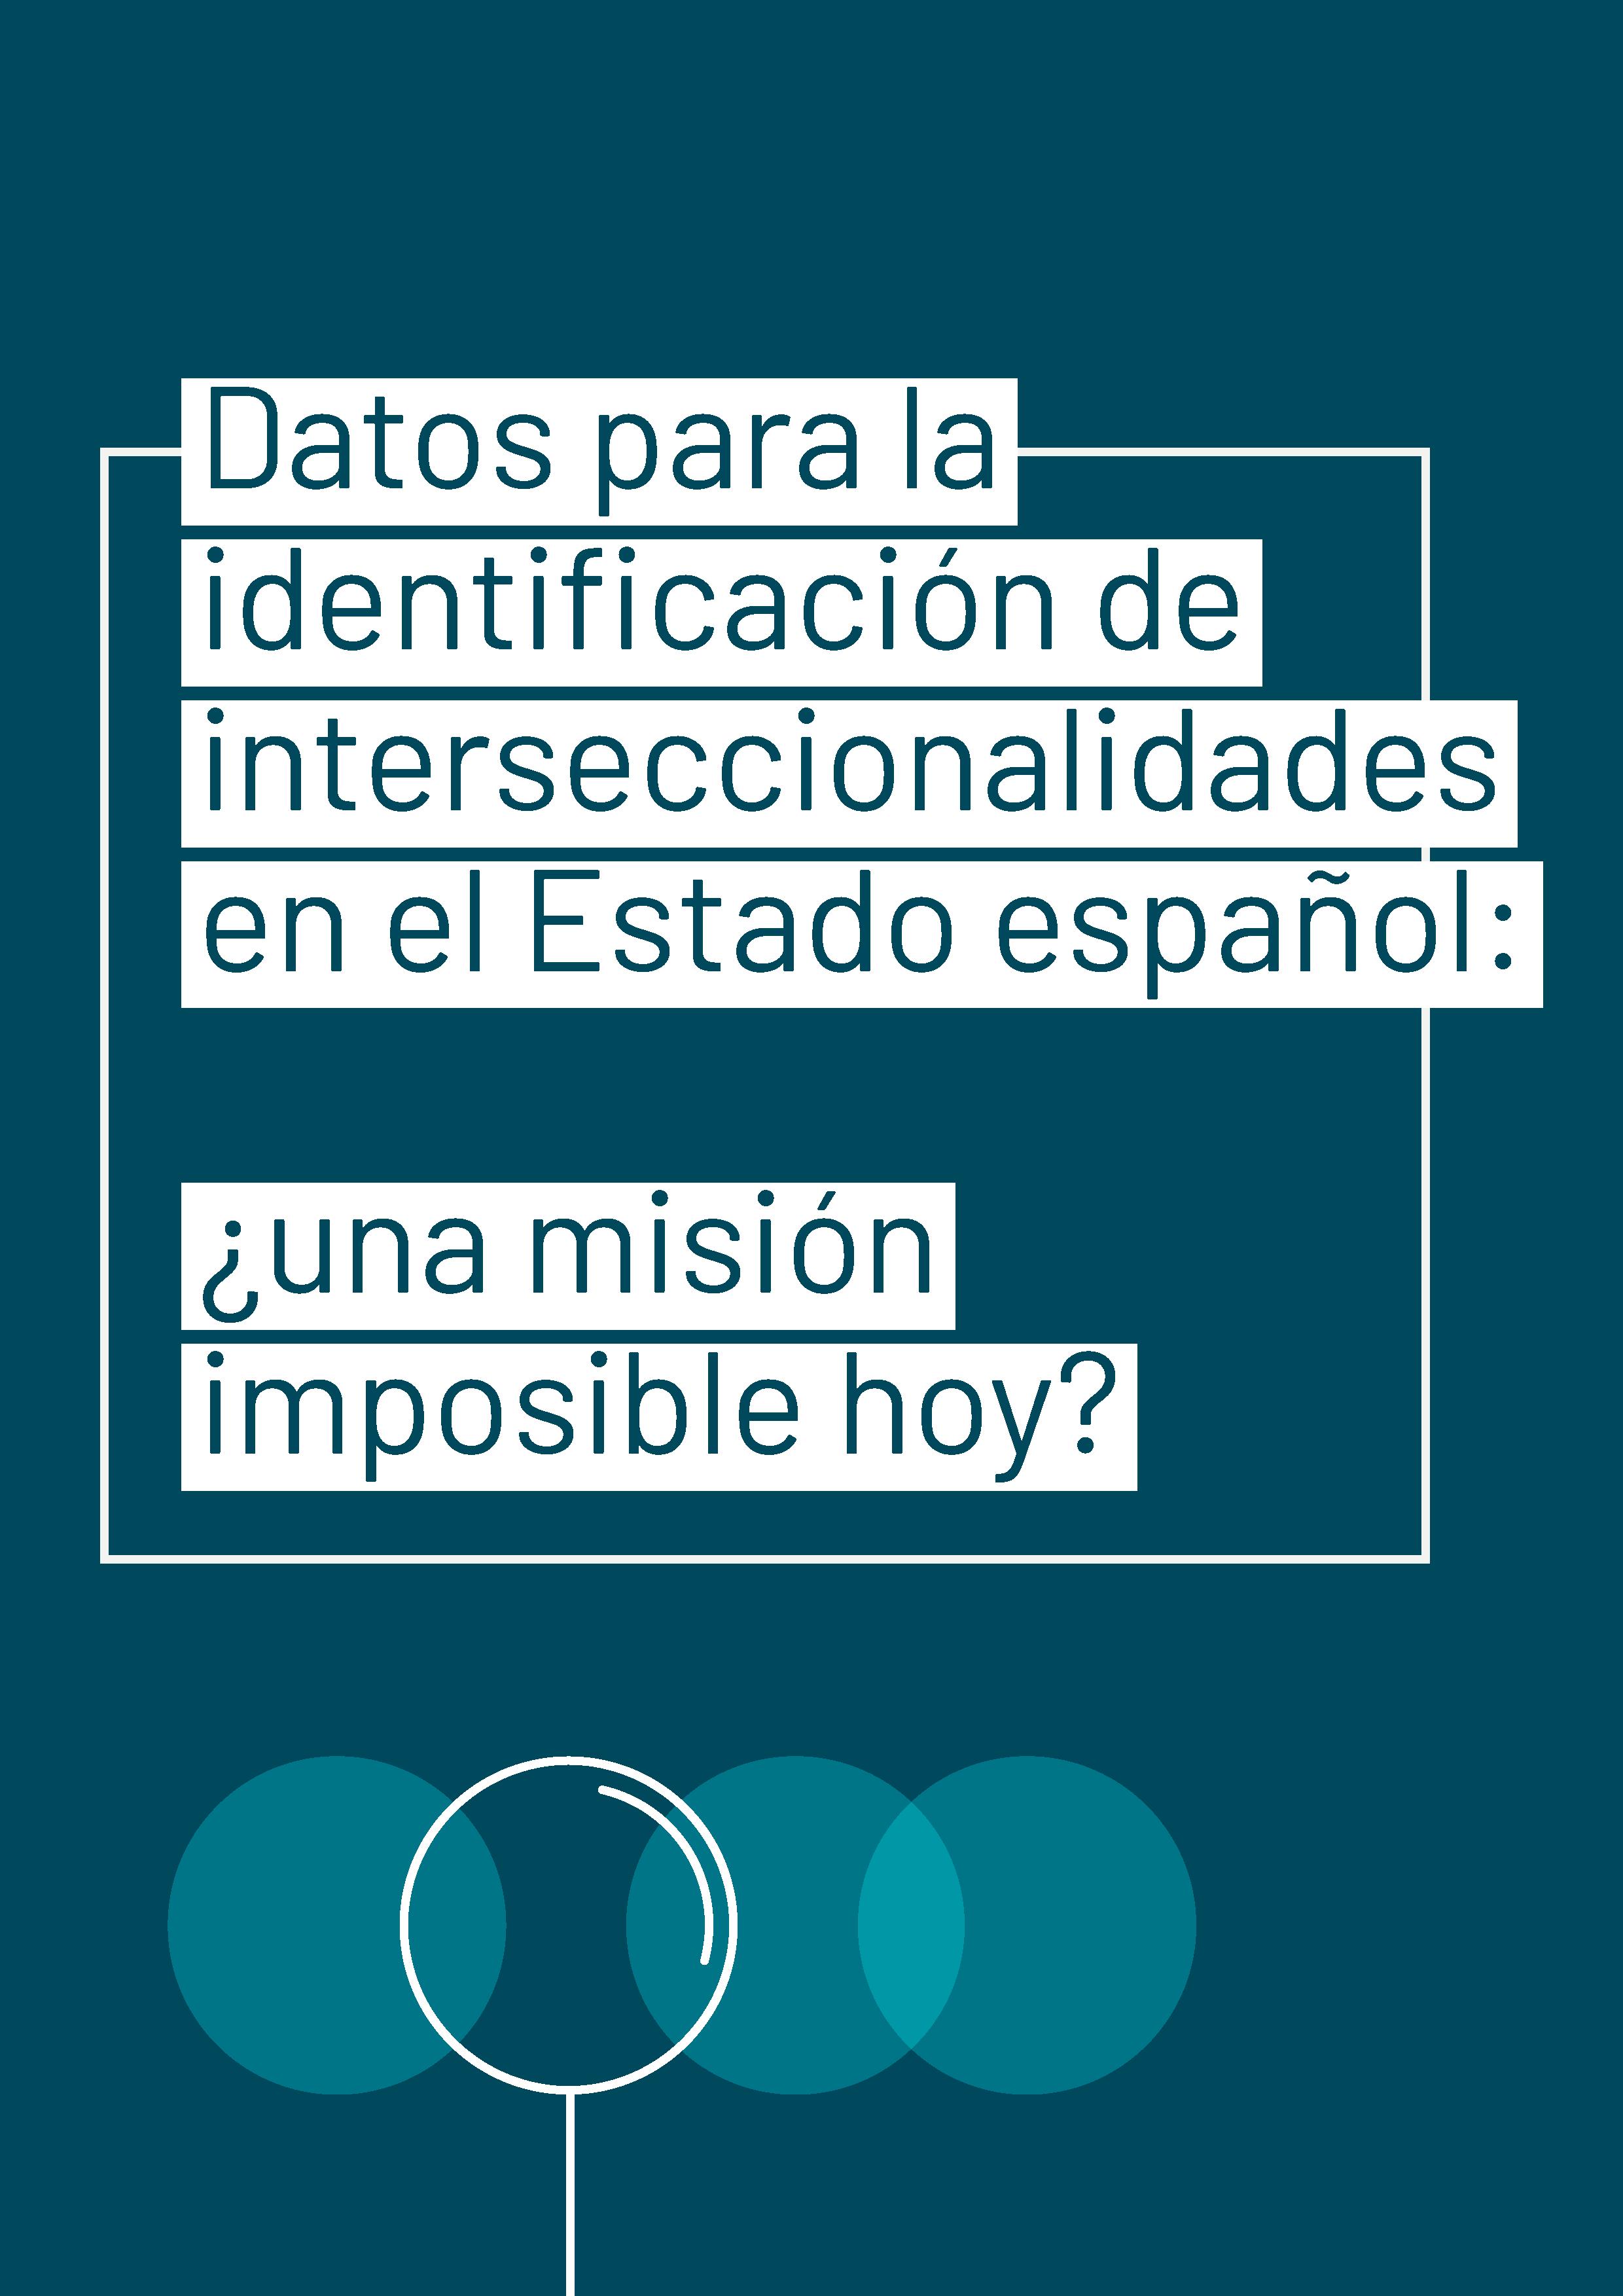 Datos para la identificación de interseccionalidades en el Estado español: ¿una misión imposible hoy?